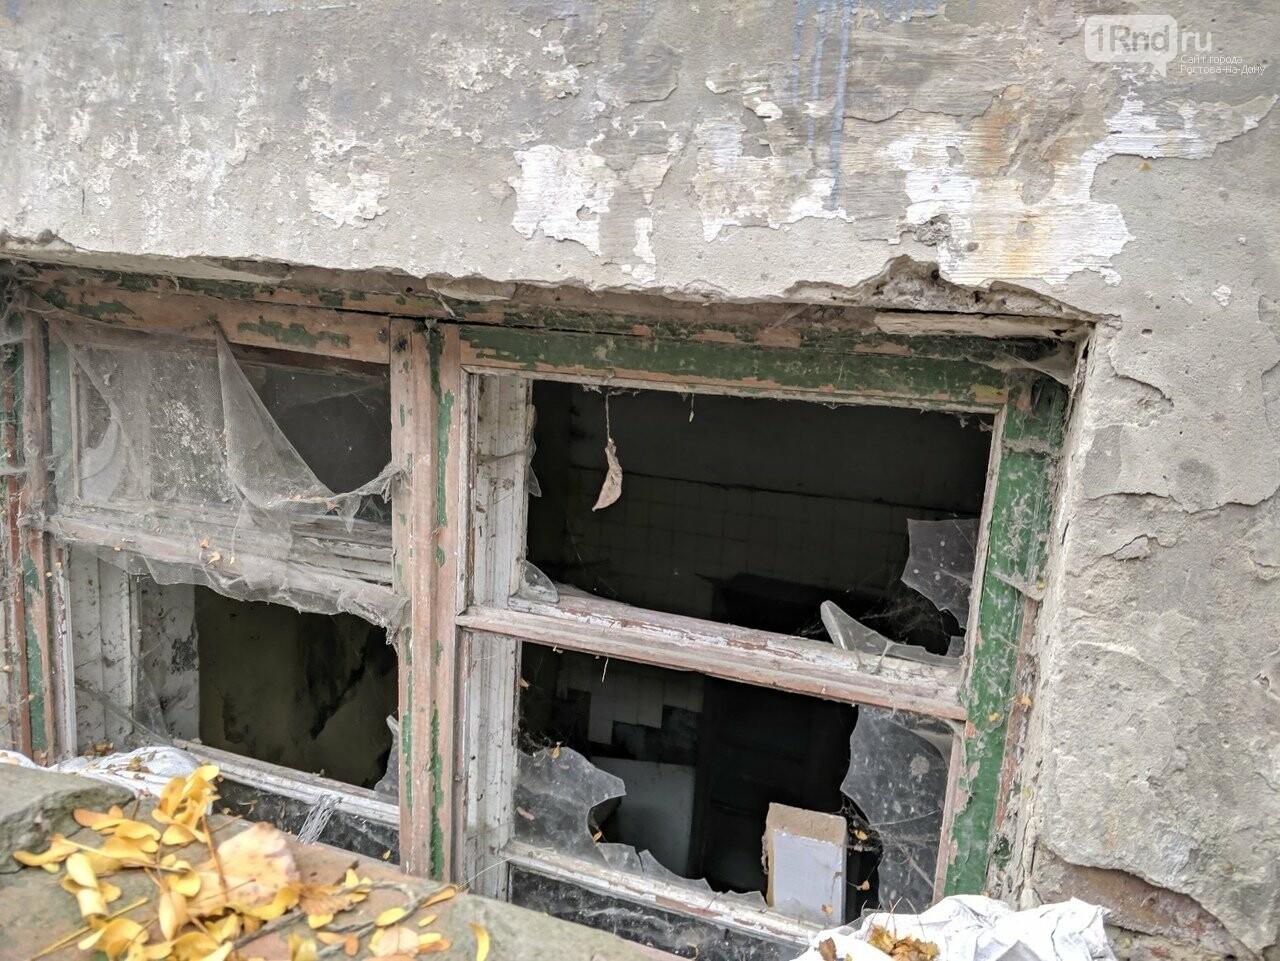 Путь к знаниям: как ростовские школьники добираются до своих школ, фото-10